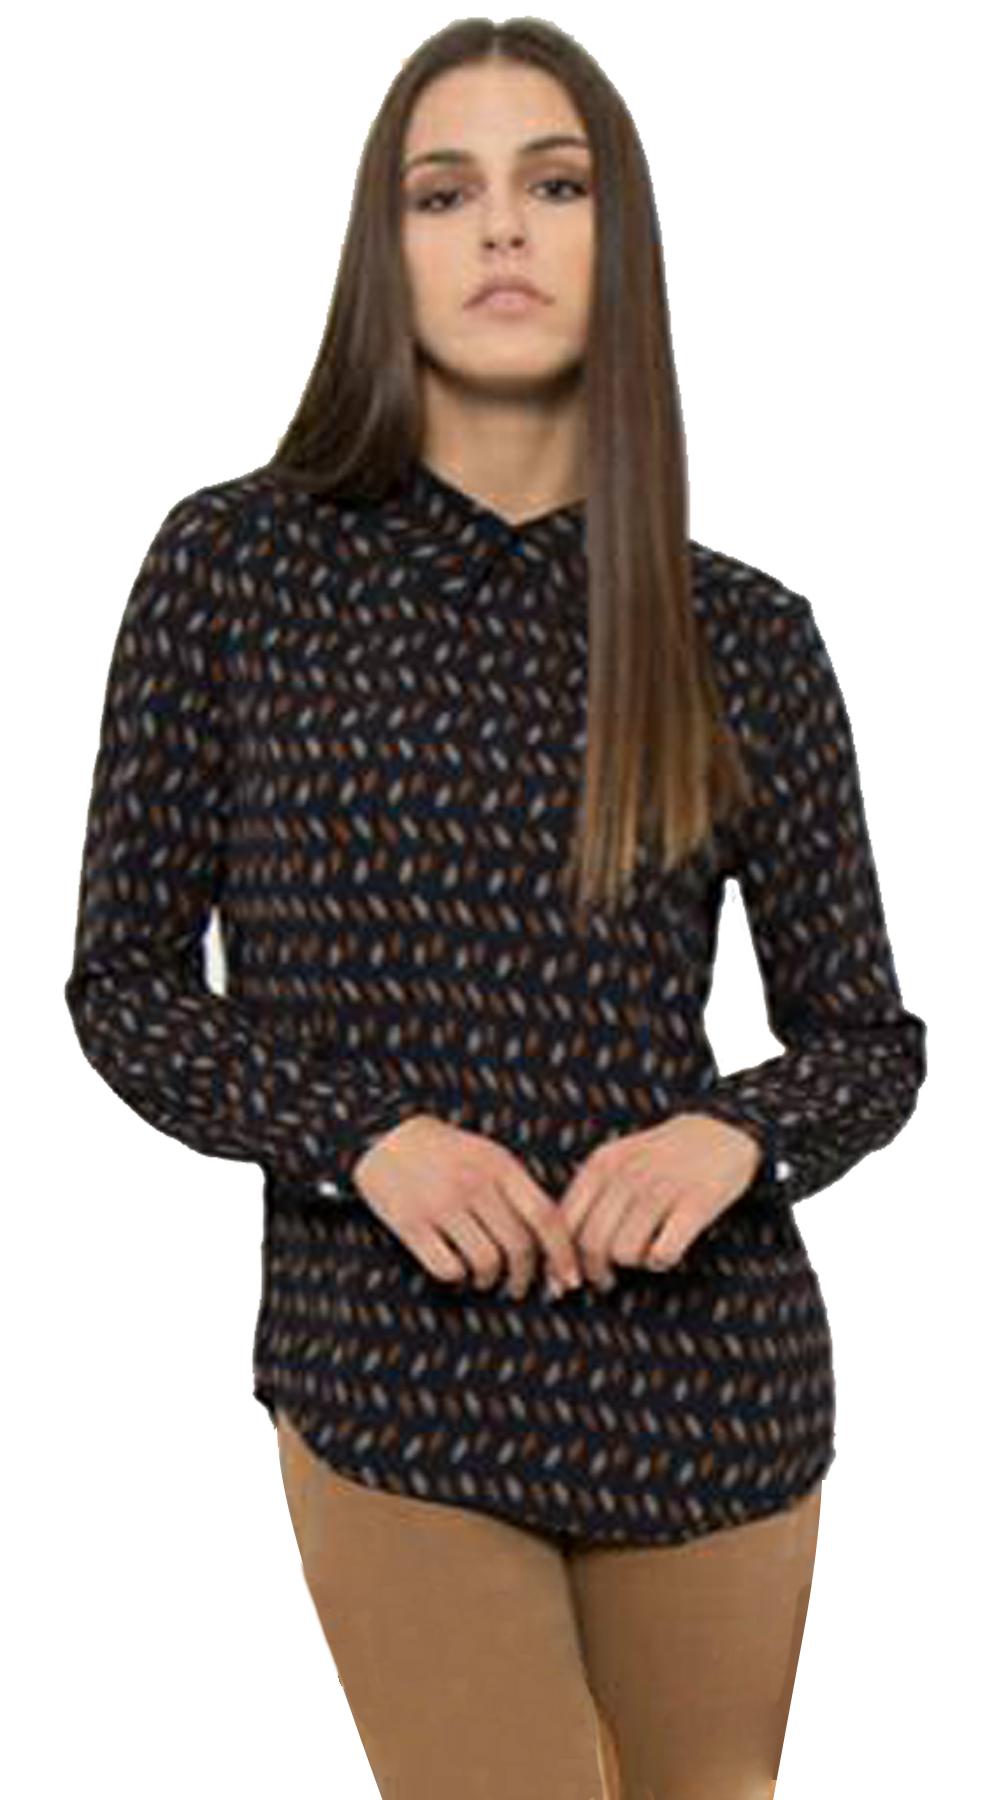 Γυναικεία μπλούζα Curvy εμπριμέ με γιακά - OEM - FA17OP-C-1748 ενδύματα office look